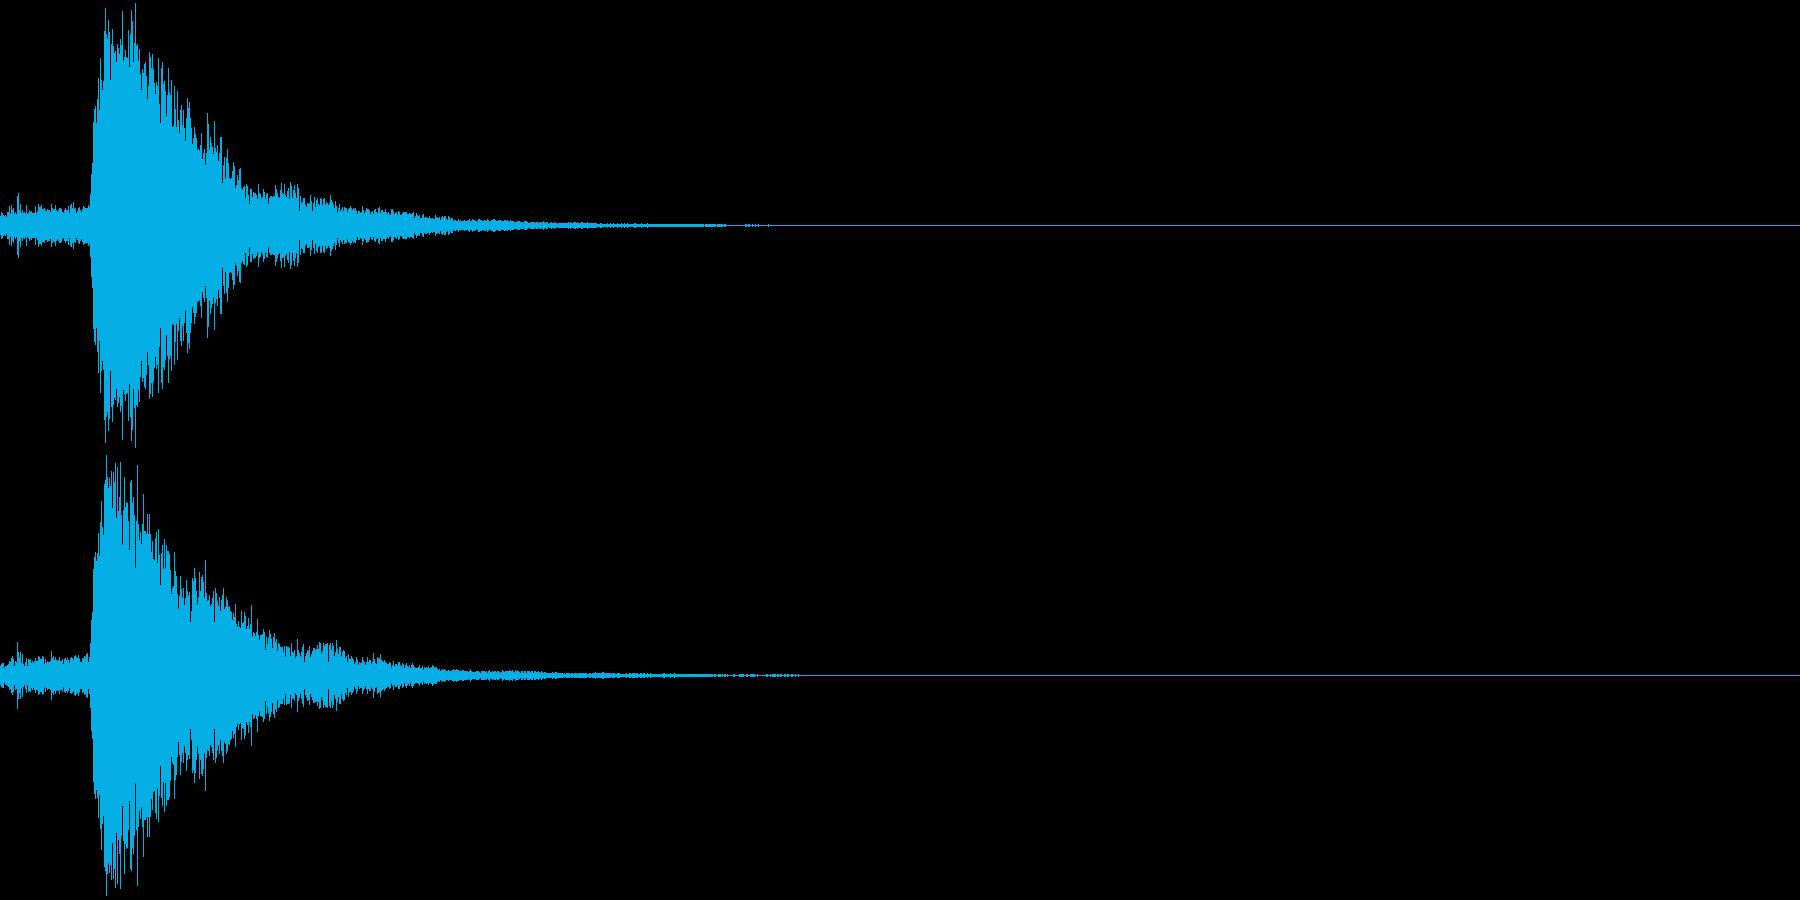 刀 キーン 剣 リアル インパクト Rの再生済みの波形